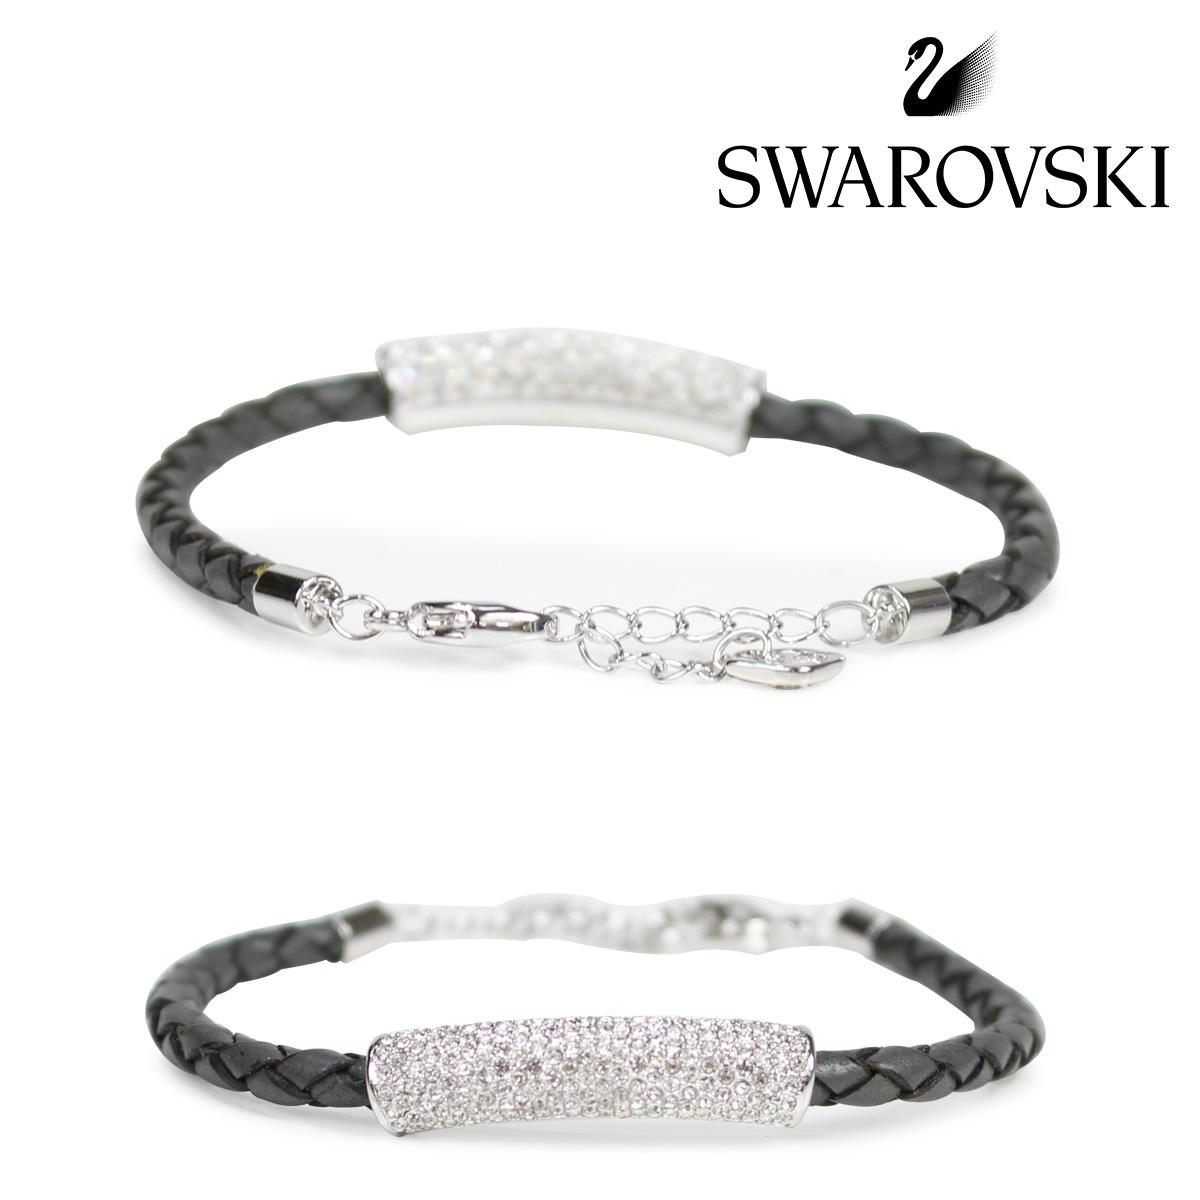 スワロフスキー SWAROVSKI ブレスレット レディース STONE グレー 5083363 M